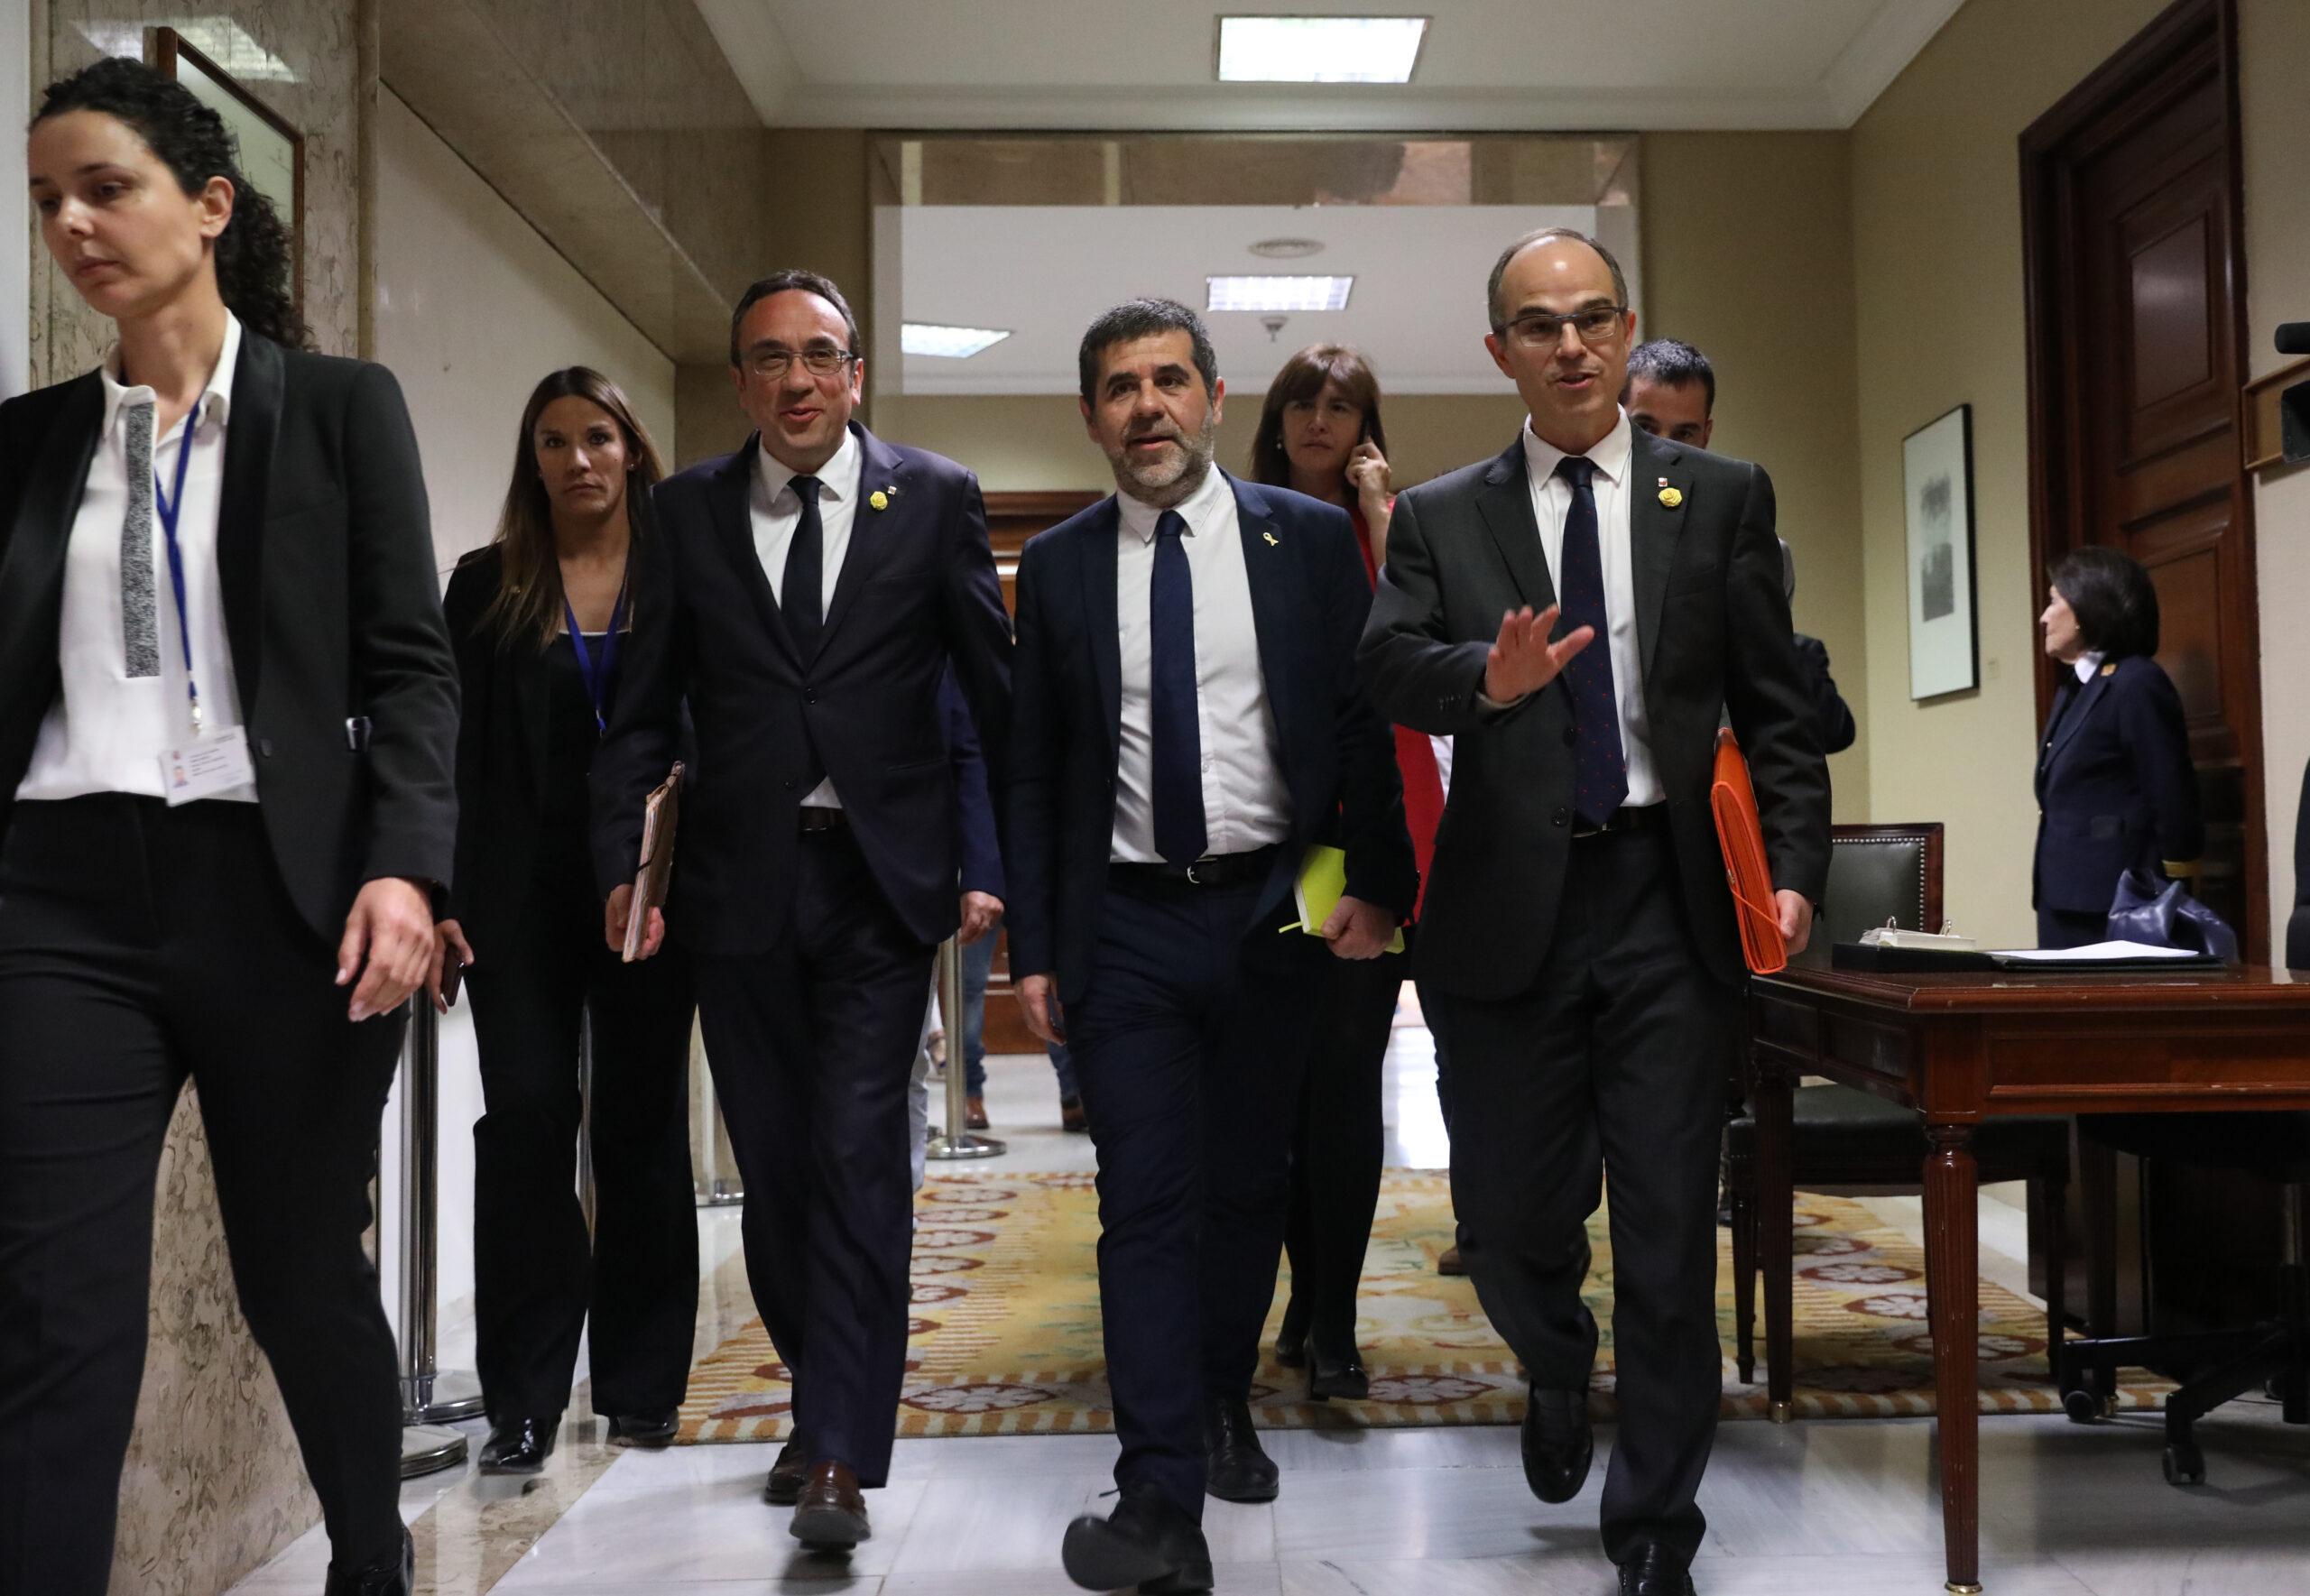 Josep Rull, Jordi Sànchez i Jordi Turull